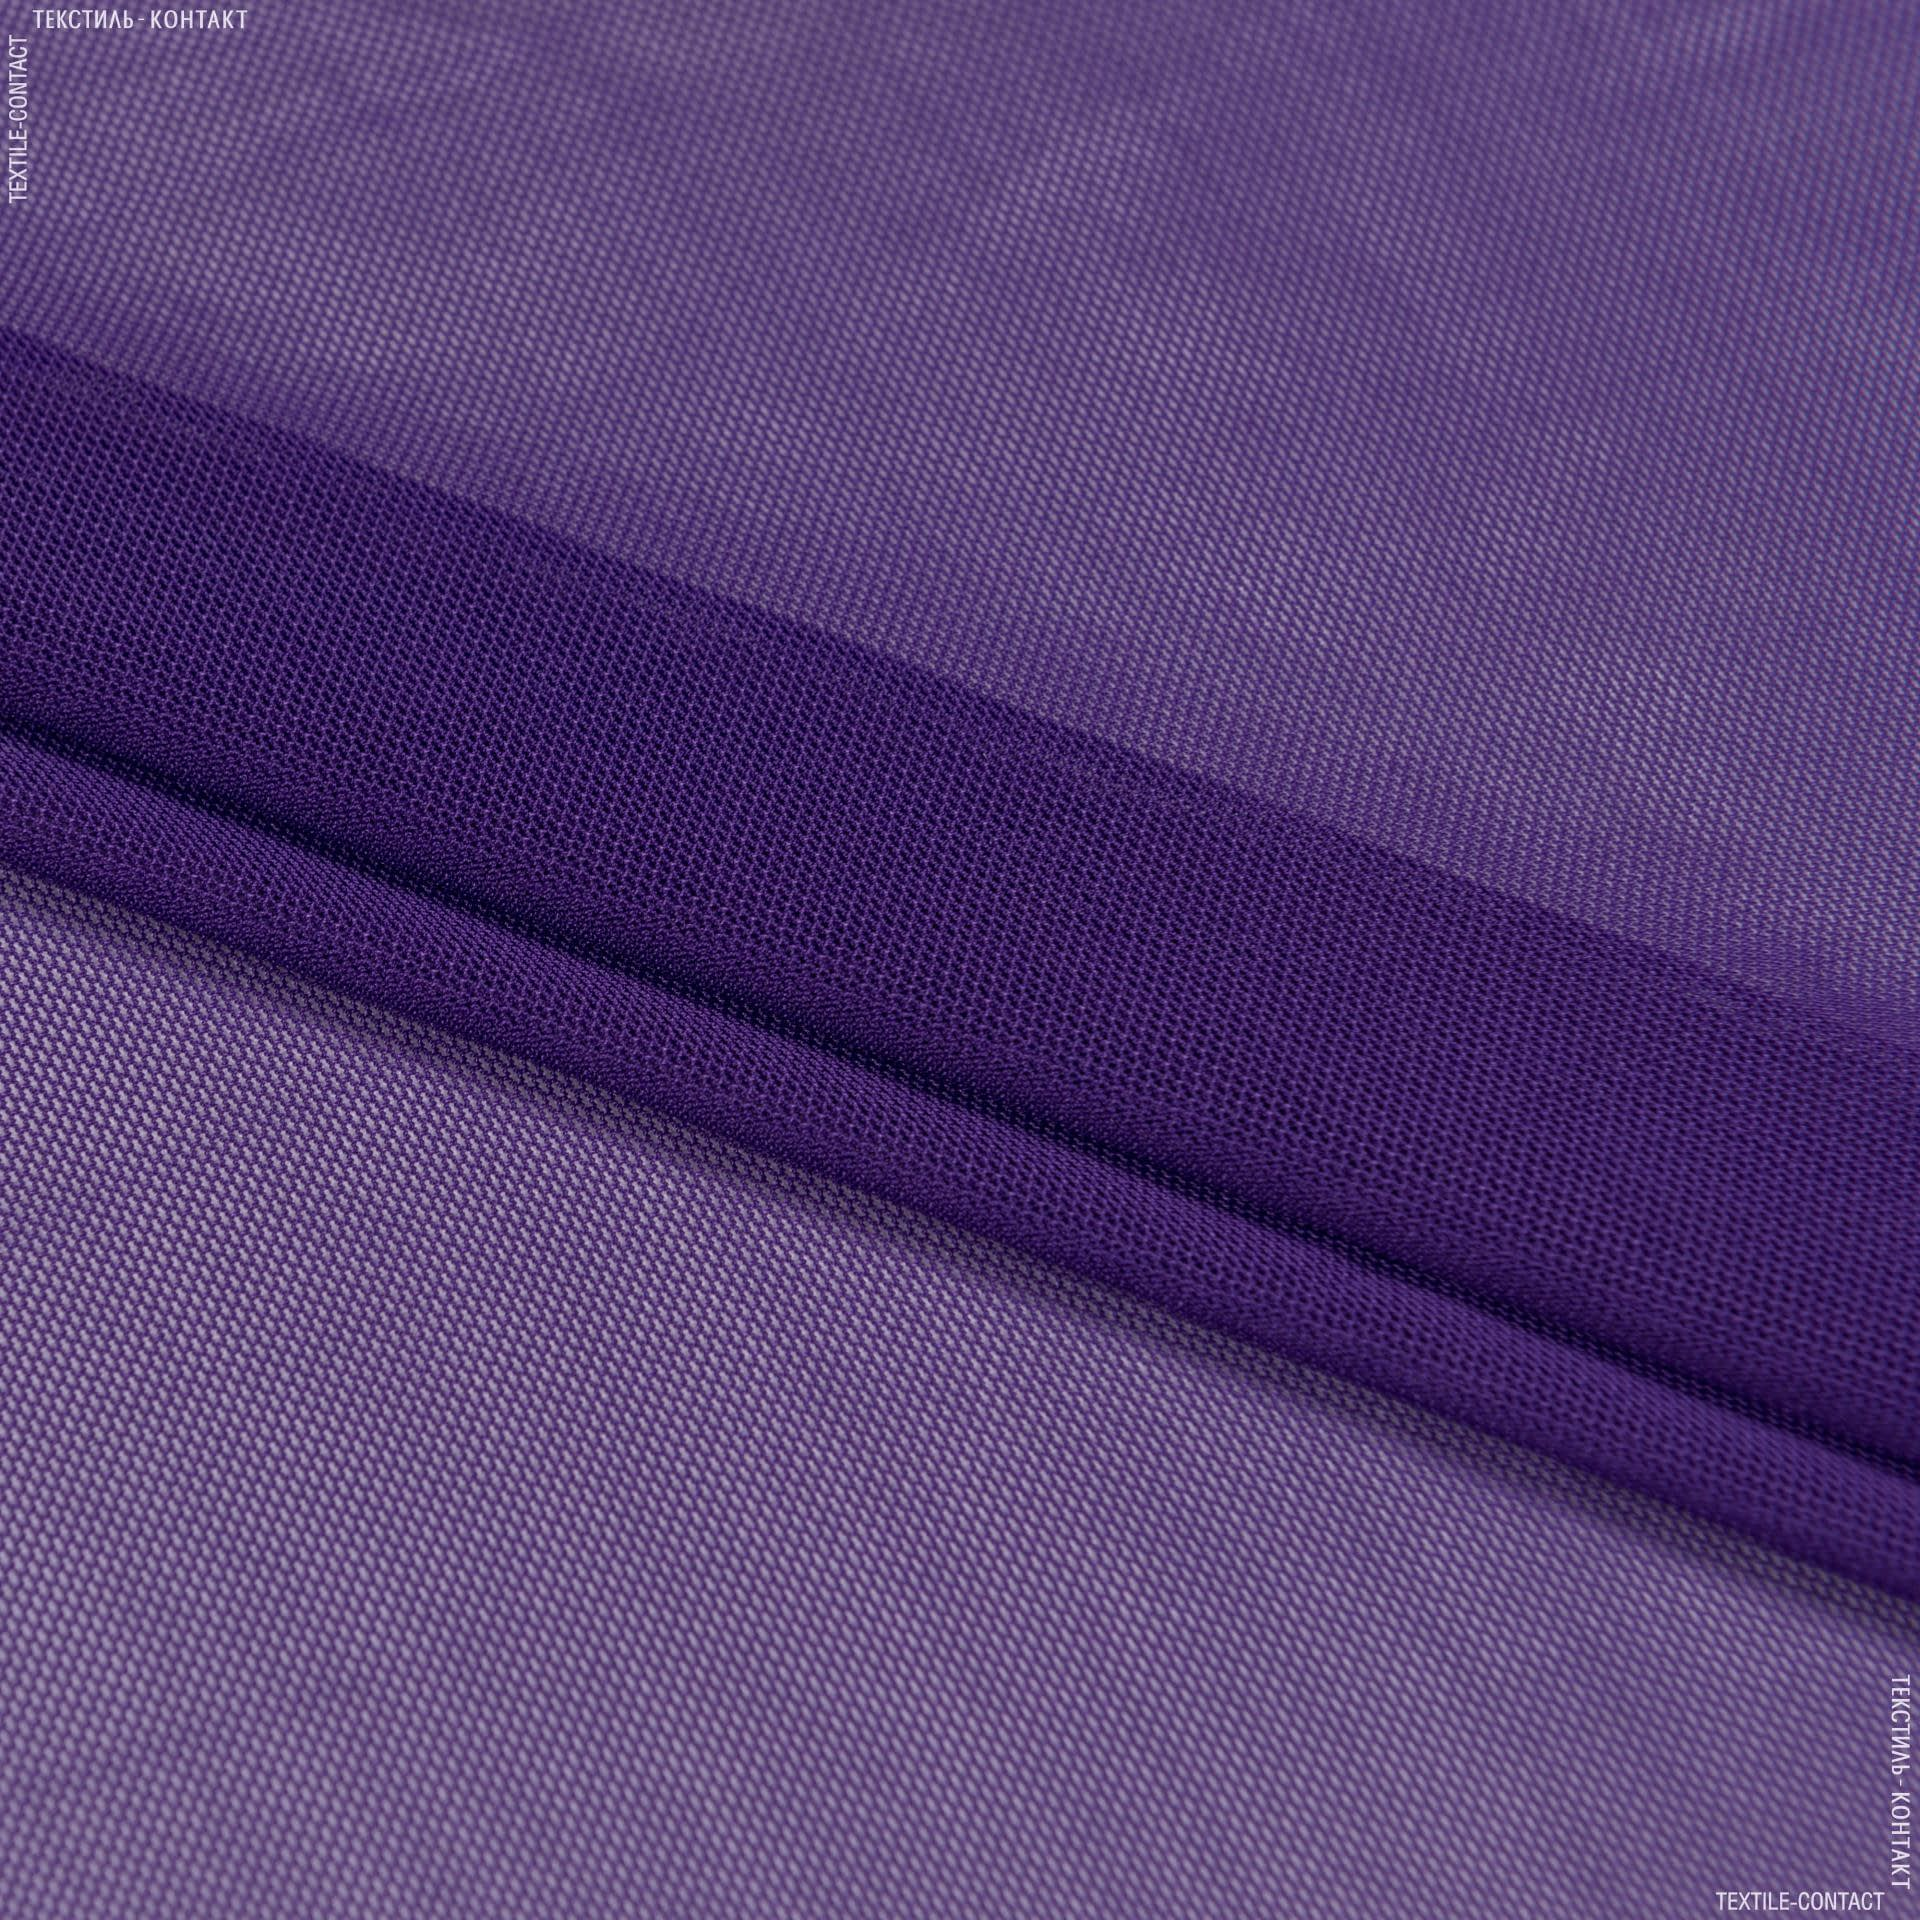 Ткани для спортивной одежды - Сетка стрейч фиолетовый